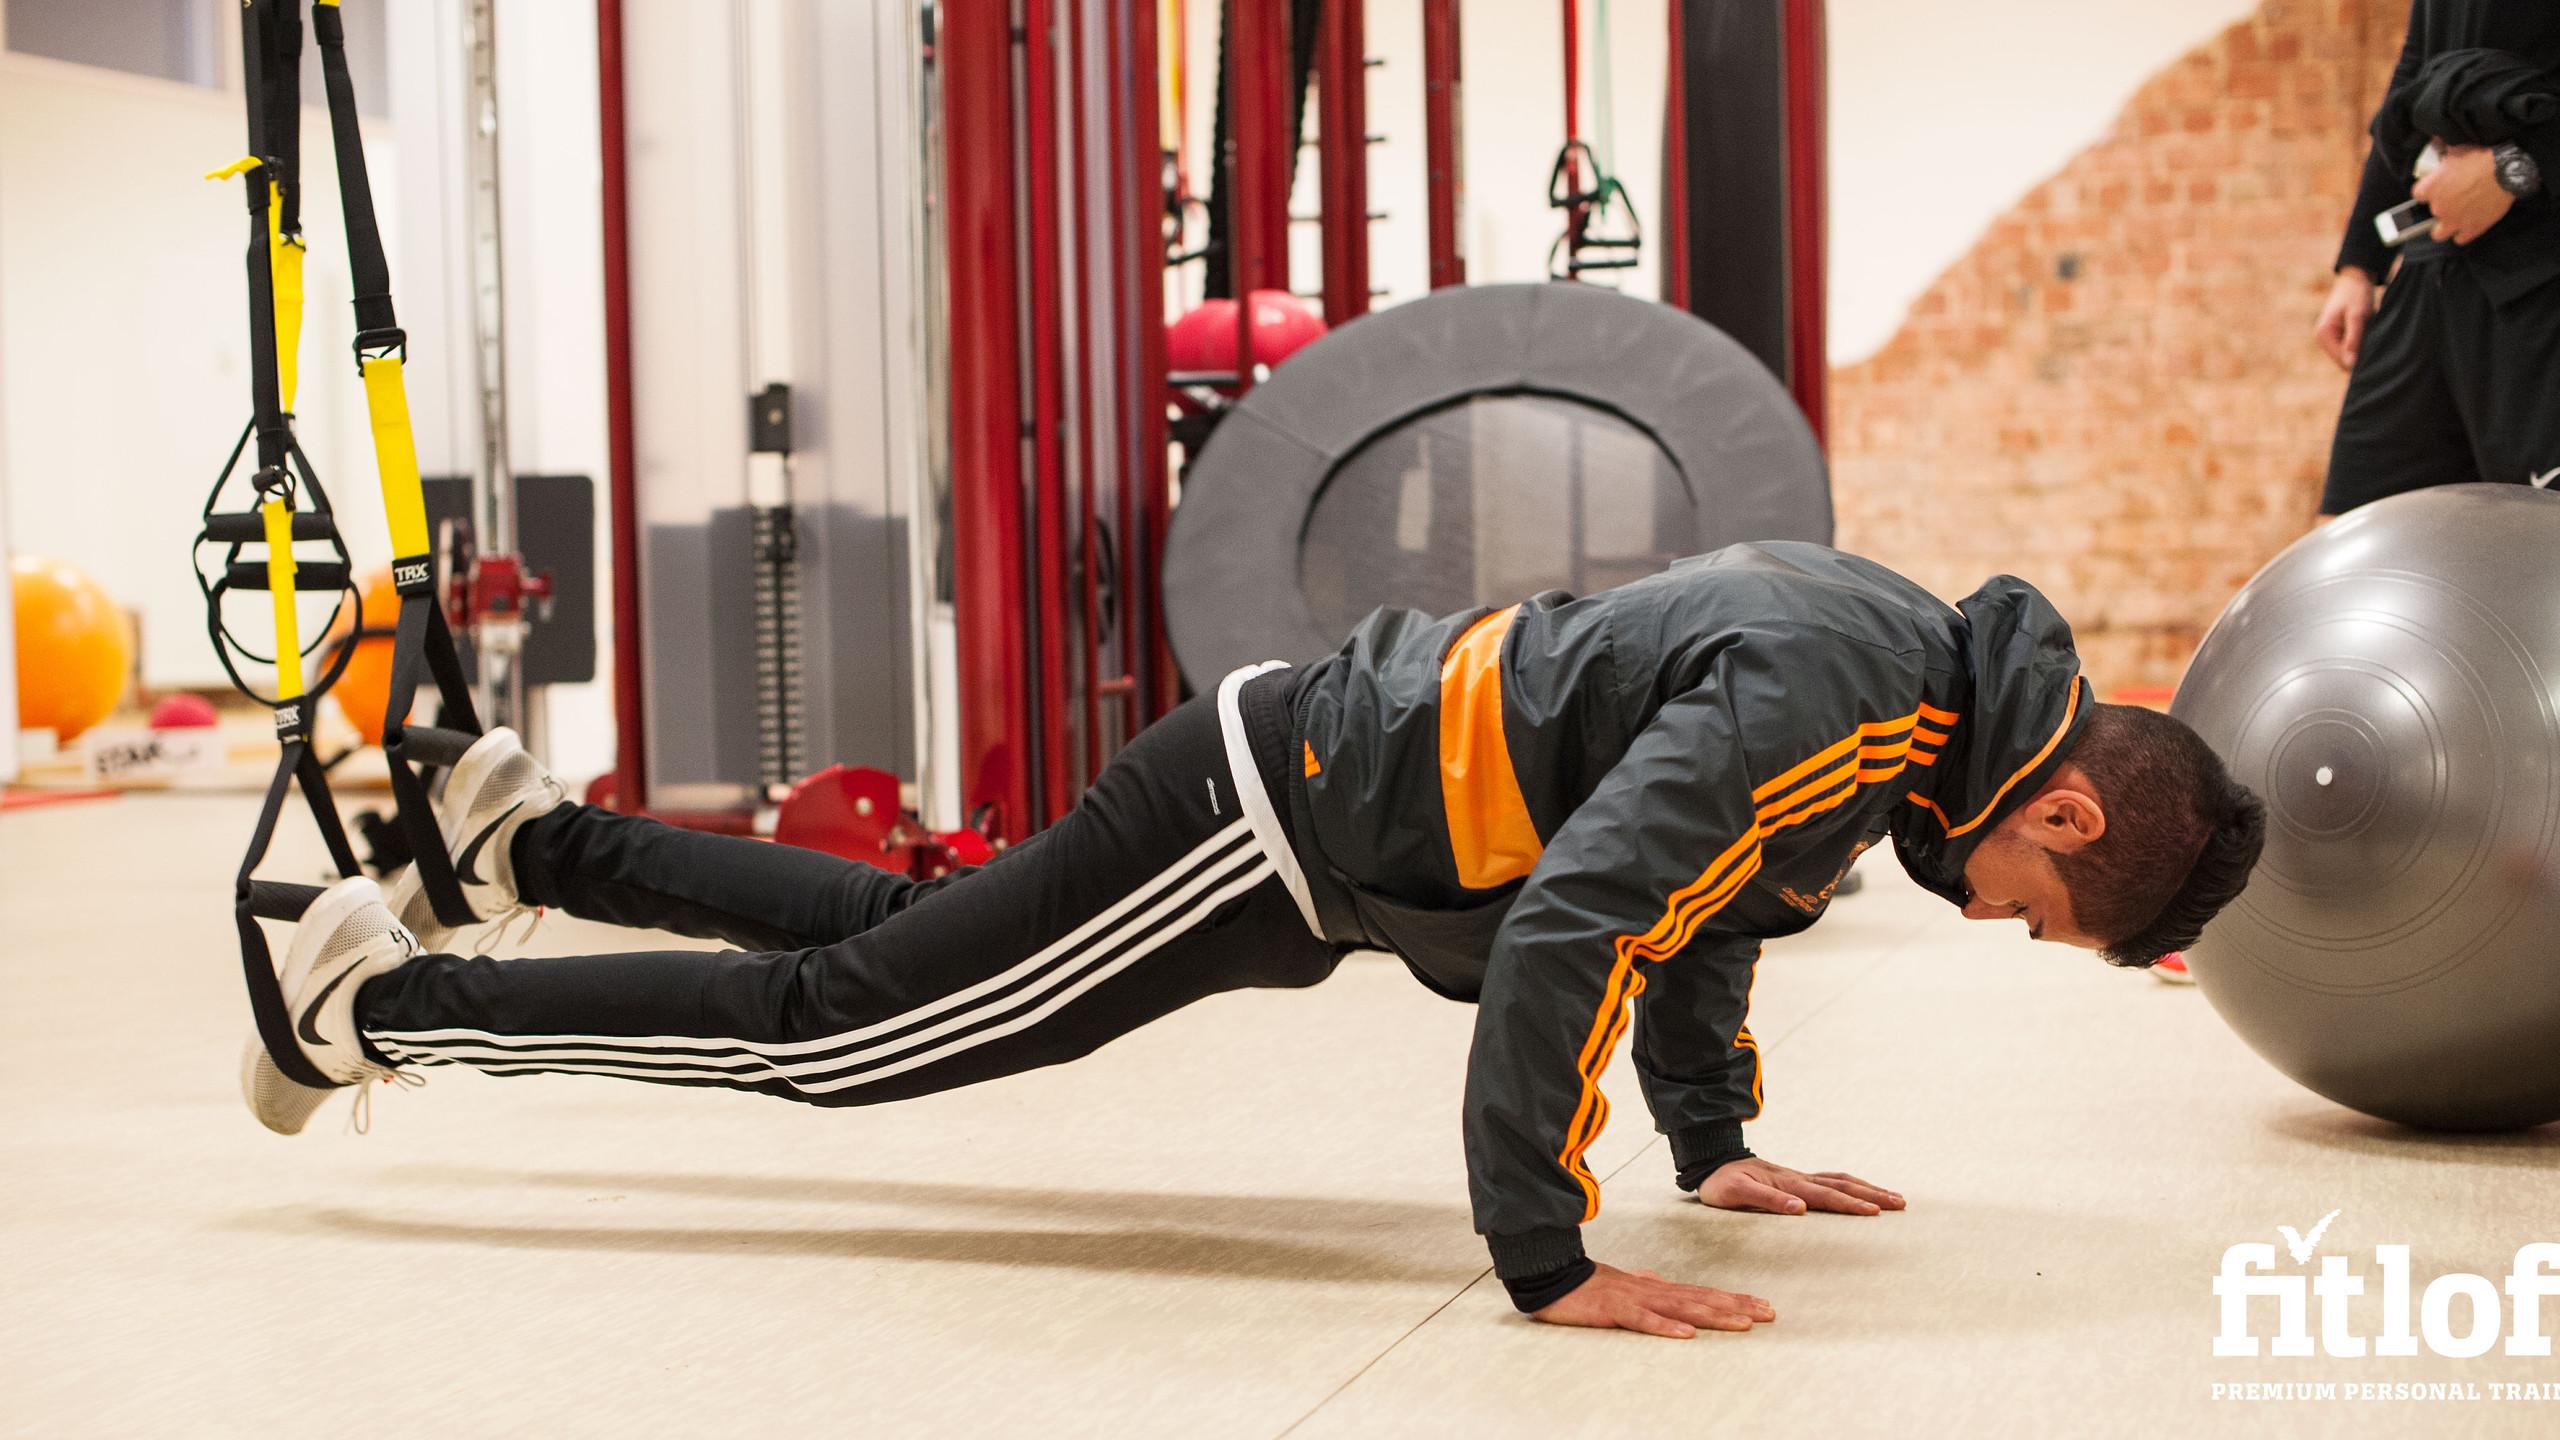 Gesundheitstag-Functional-Training-03